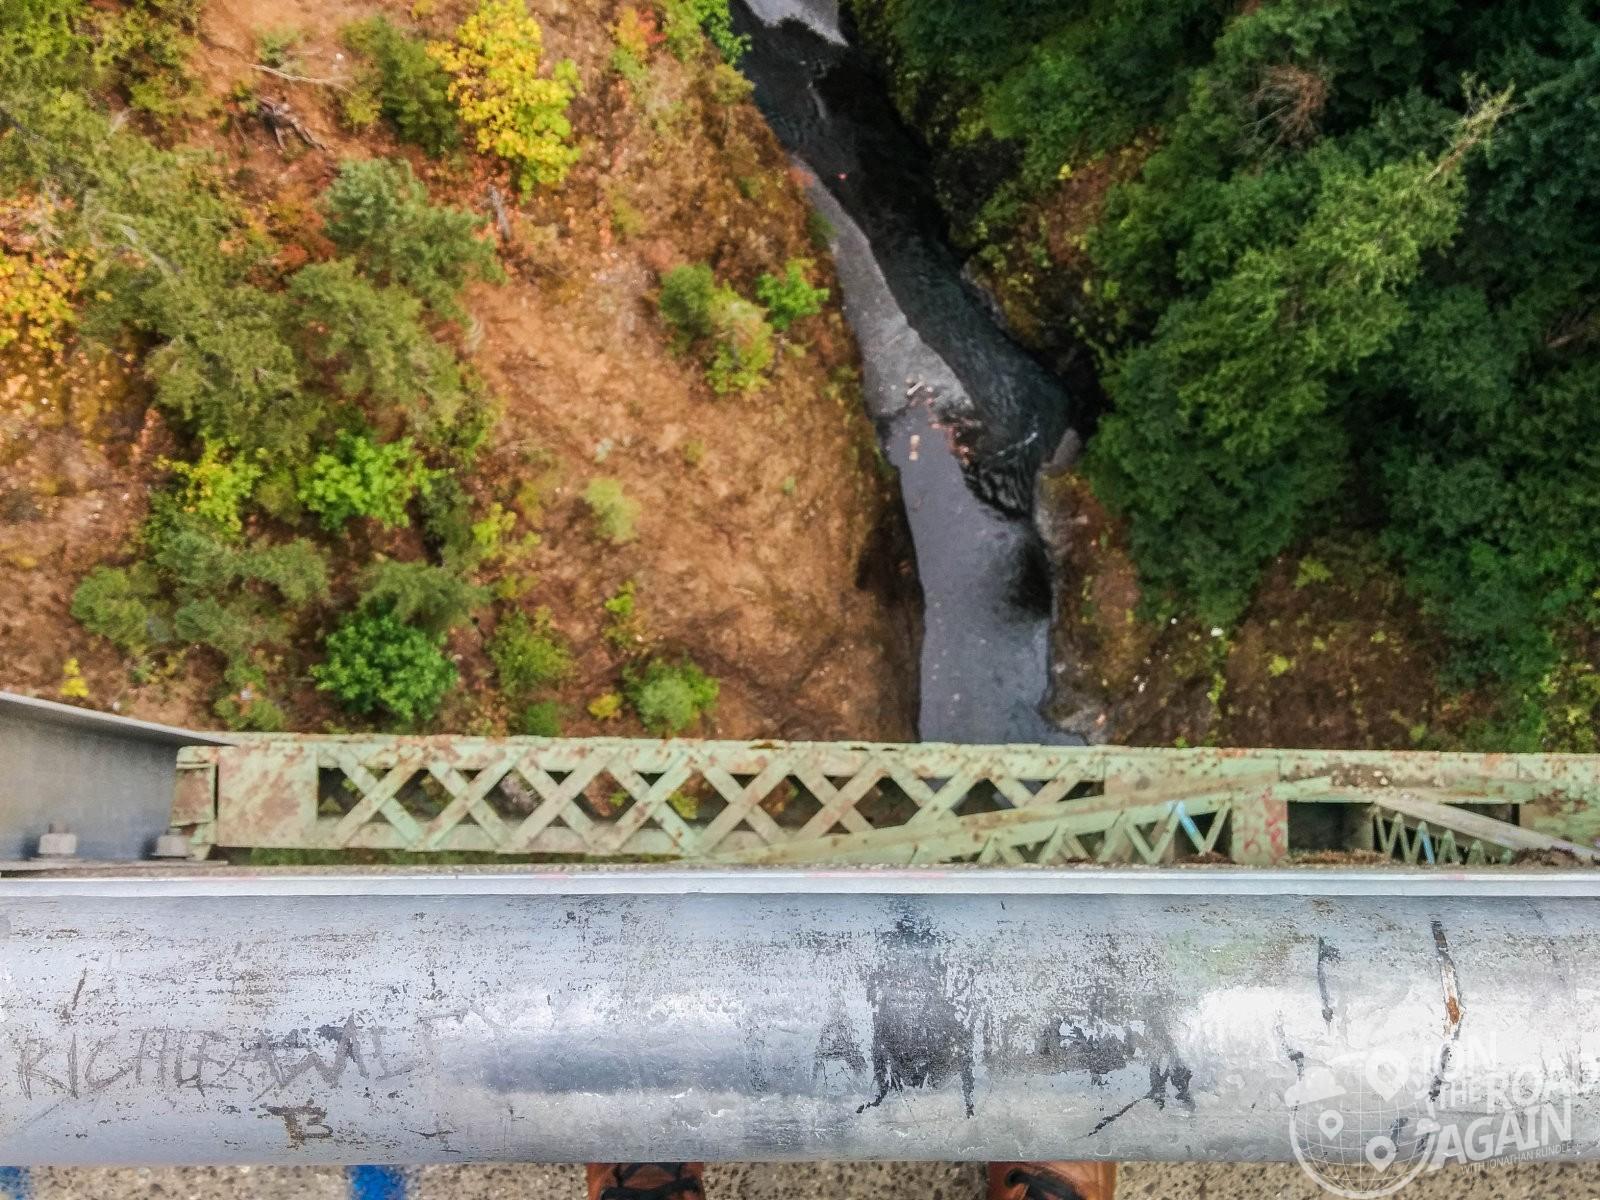 Looking down from High Steel Bridge